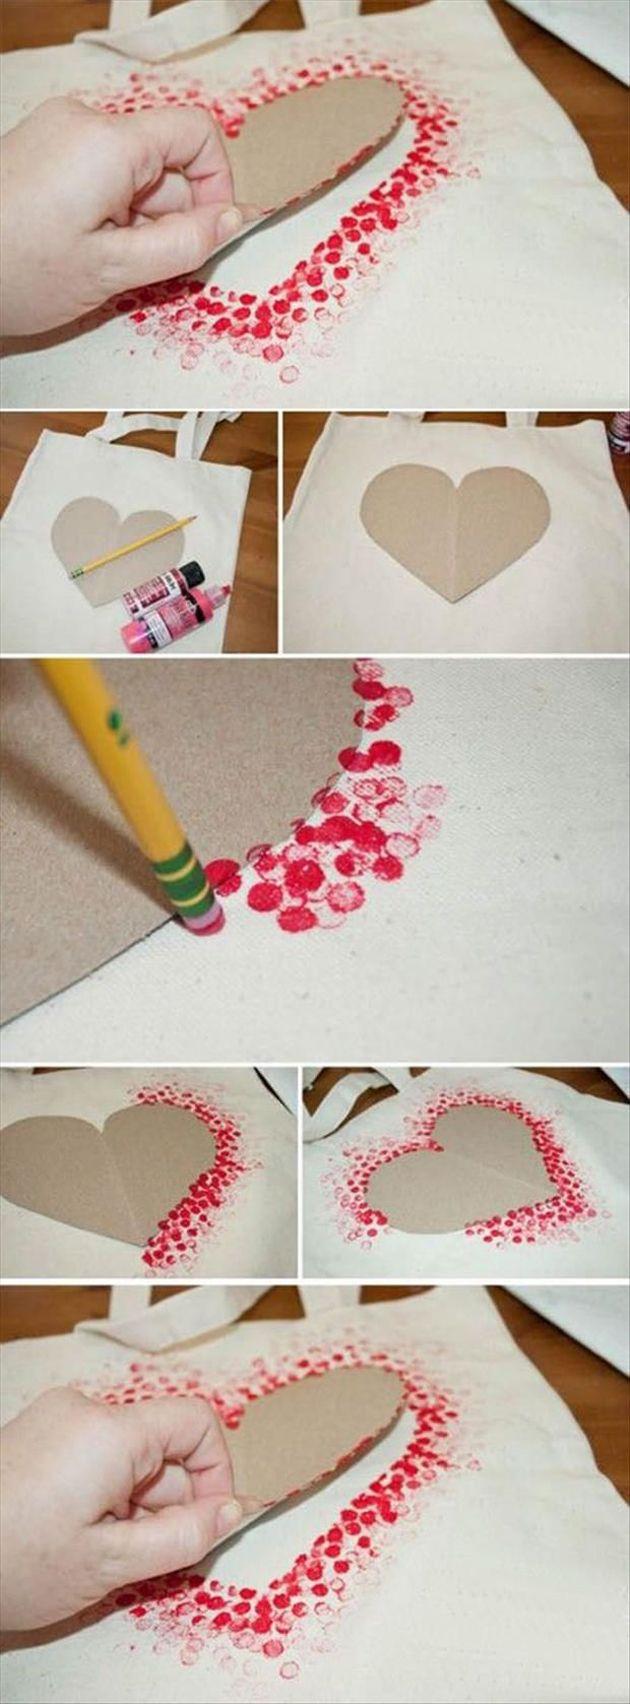 10 Idéias de presentes para fazer fazer em casa - Dia das Mães (DIY) diversas opções de presentes que você pode fazer em casa para sua mãe, barato!